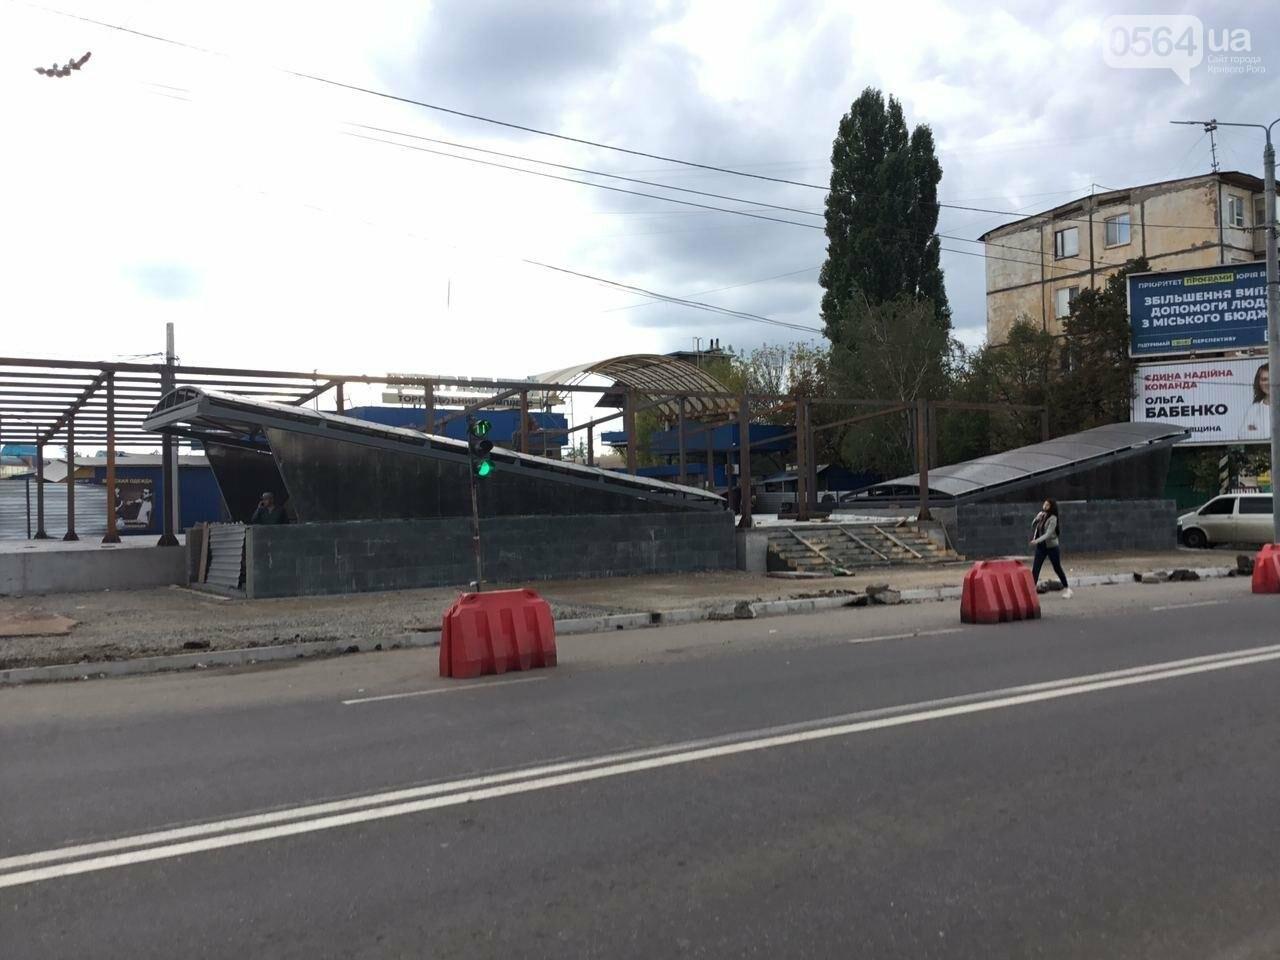 Как сегодня выглядит пешеходный переход на улице Лермонтова в Кривом Роге, - ФОТО, ВИДЕО, фото-7